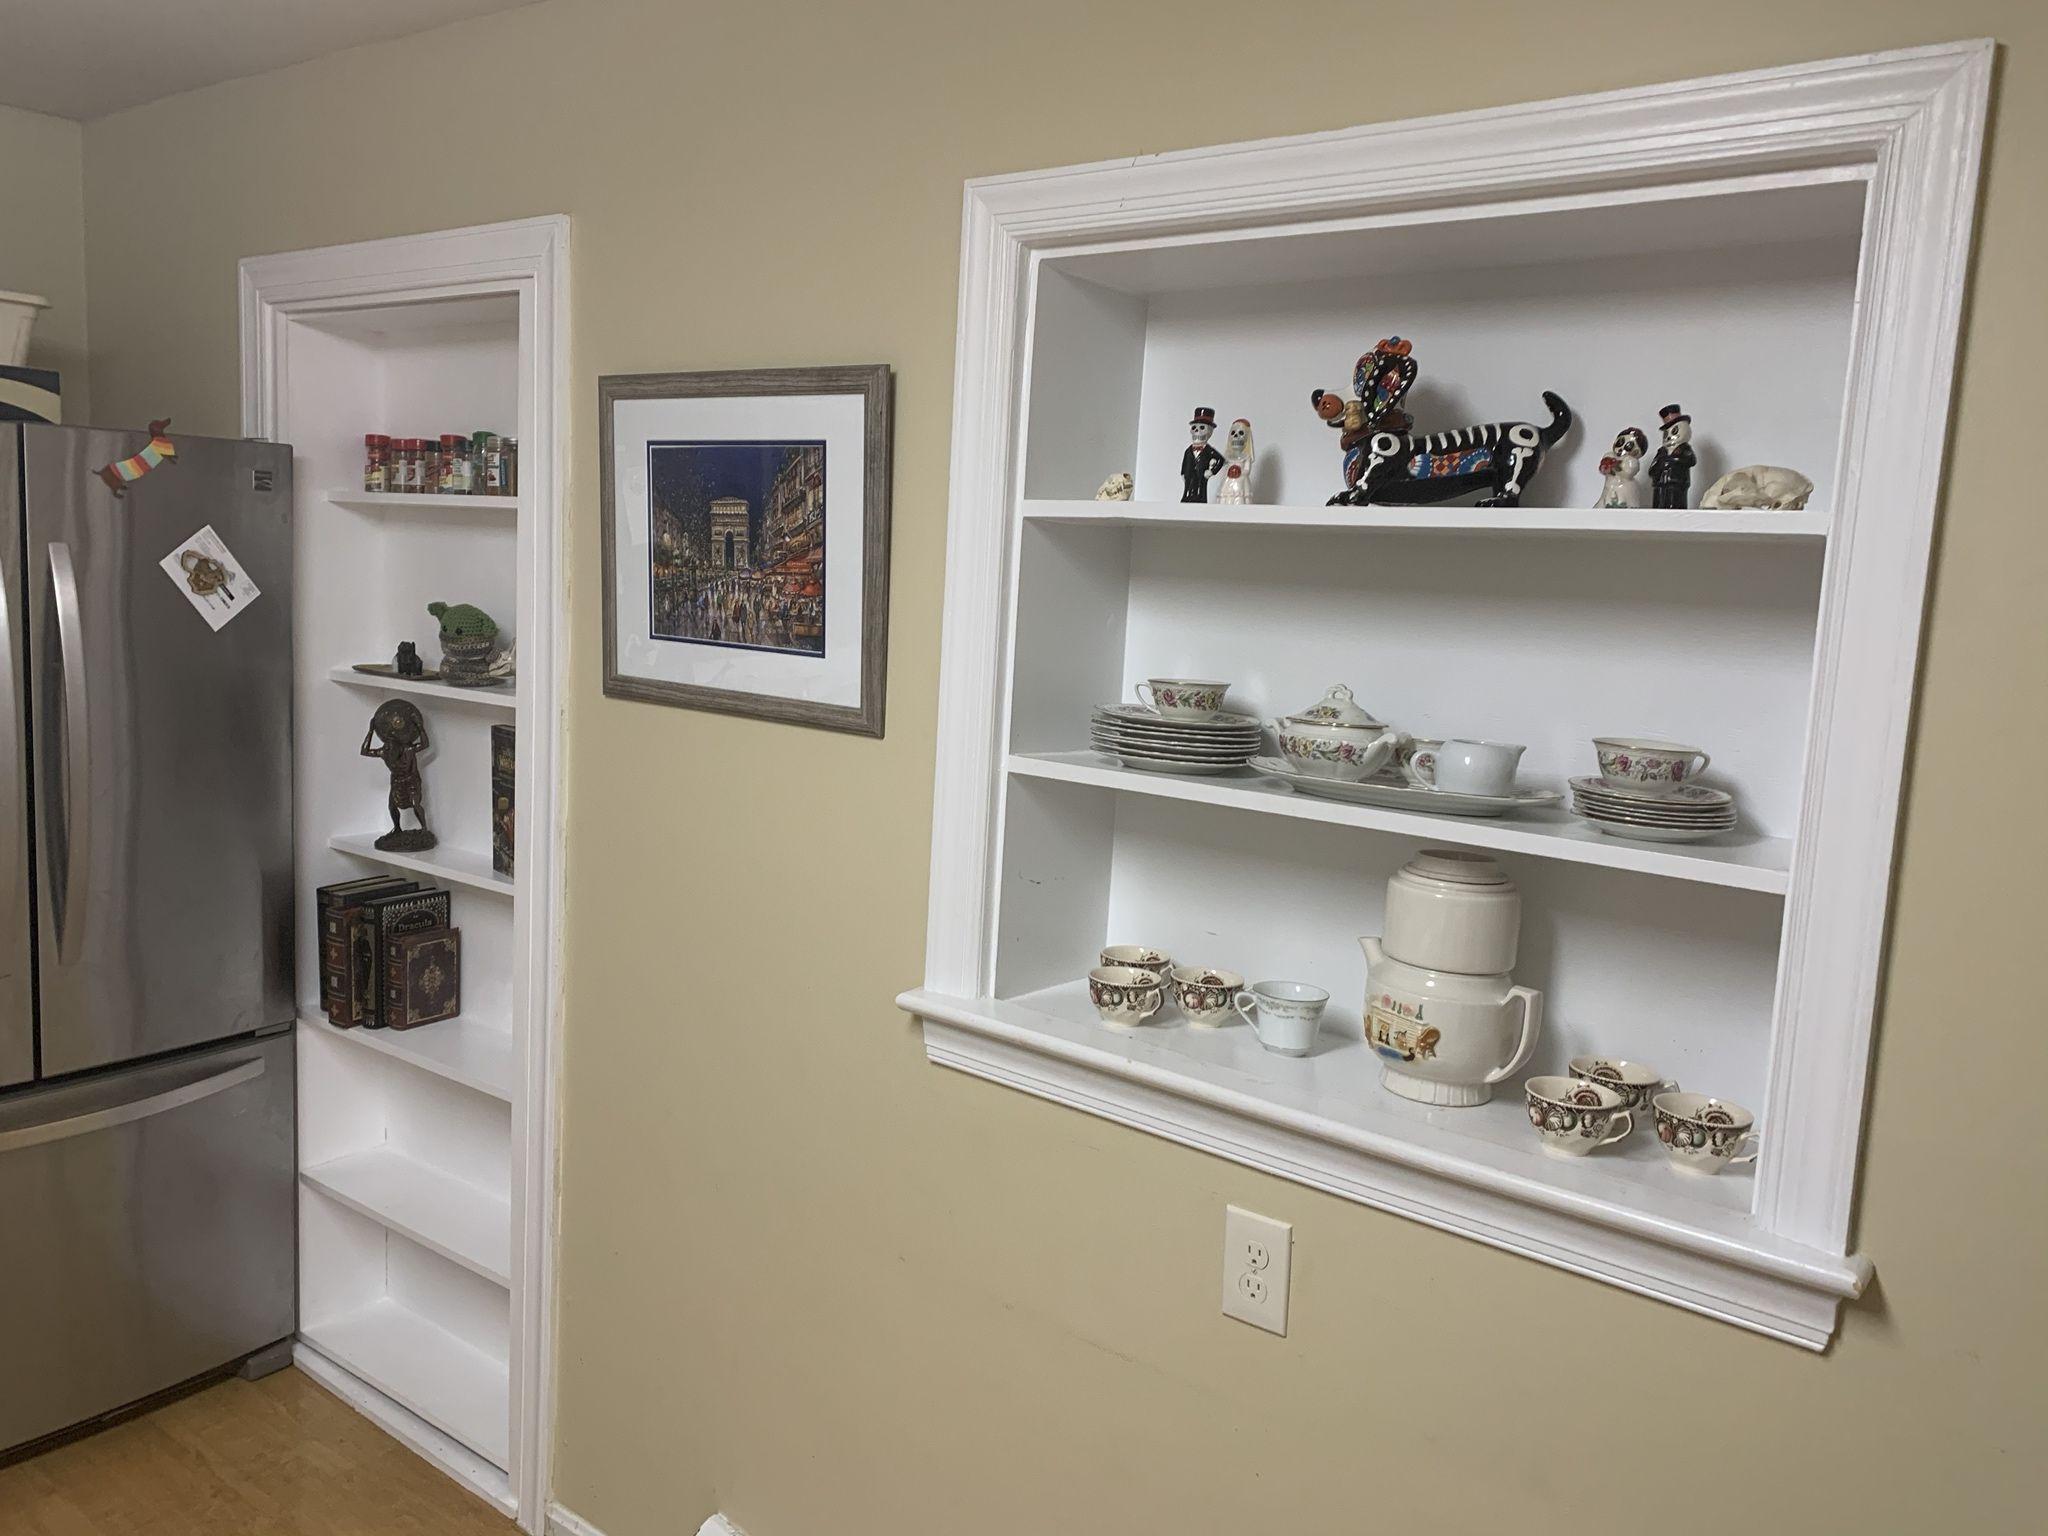 Surprising my husband with a hidden bookshelf door